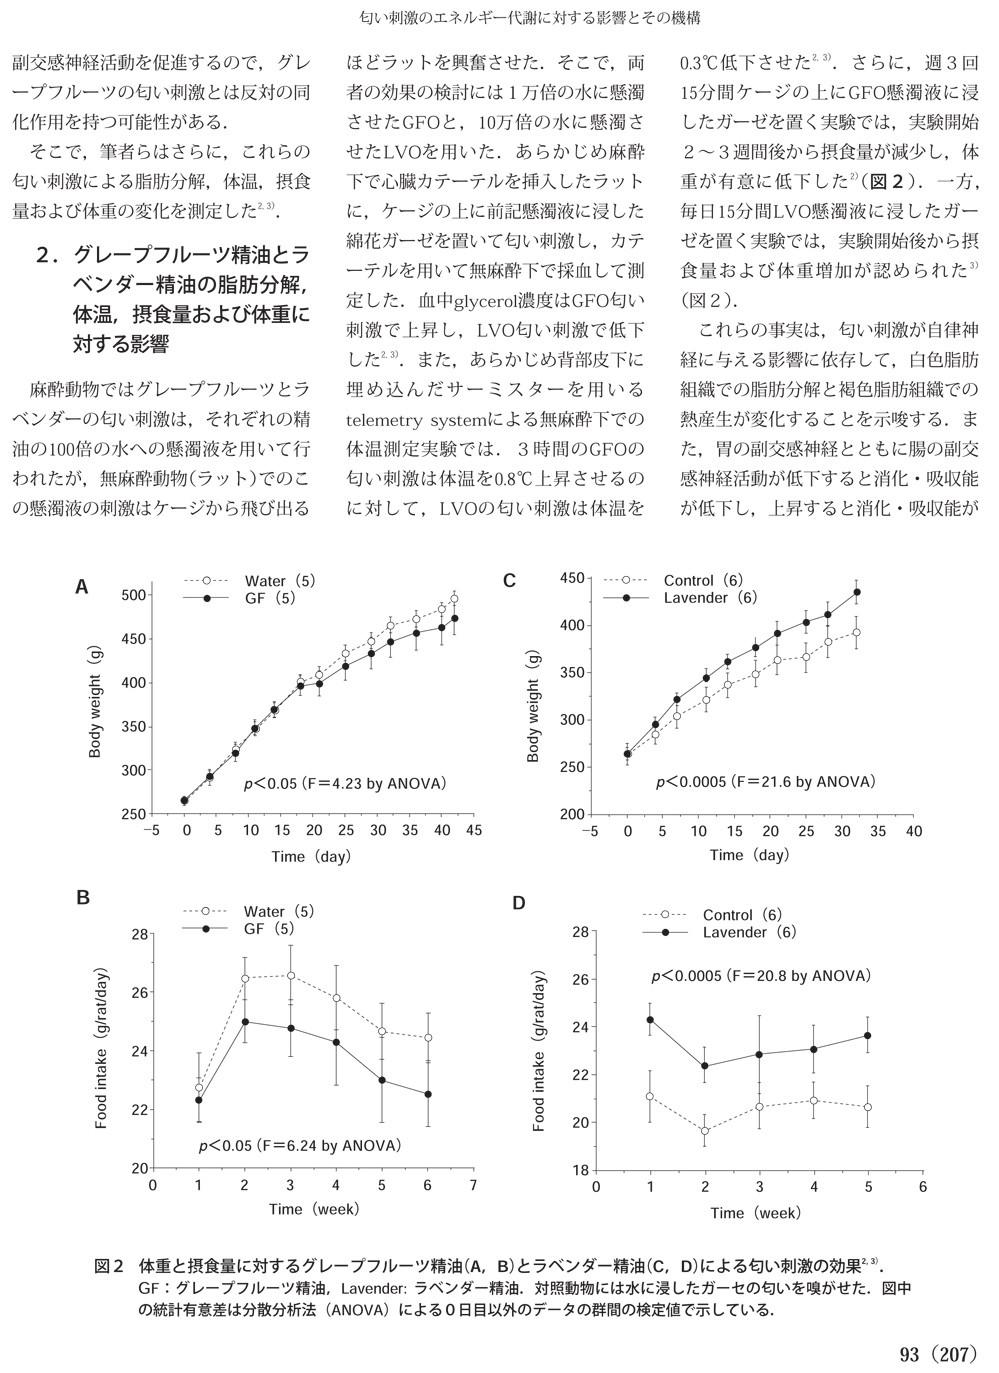 匂い刺激のエネルギー代謝に対する影響とその機構-2.jpg